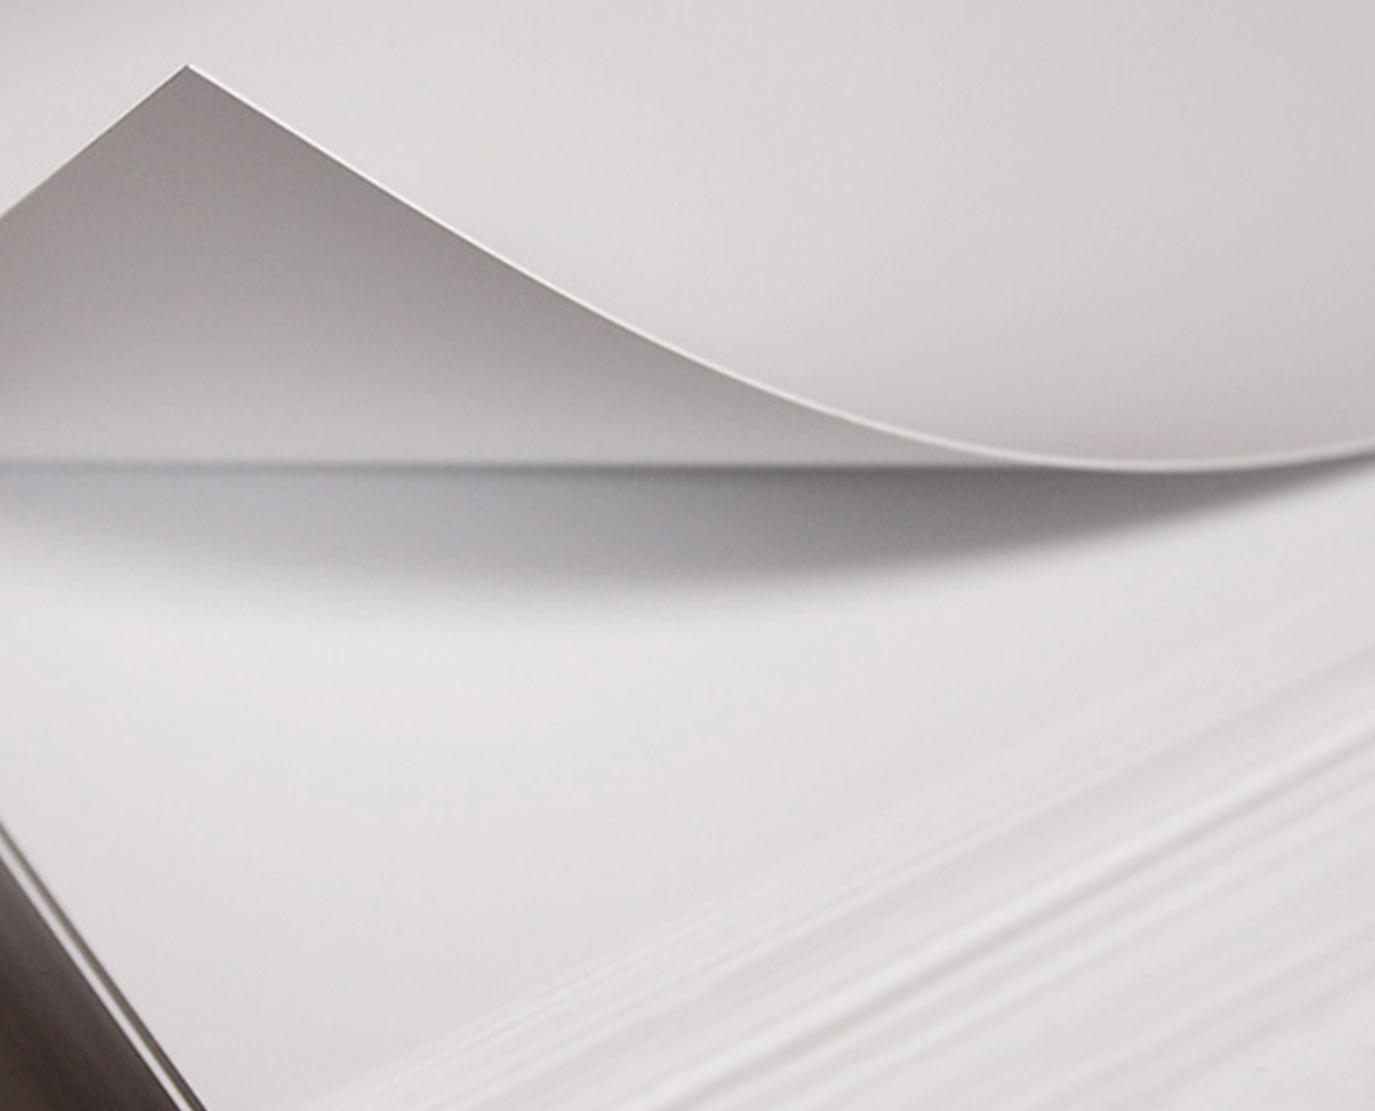 styrene sheets